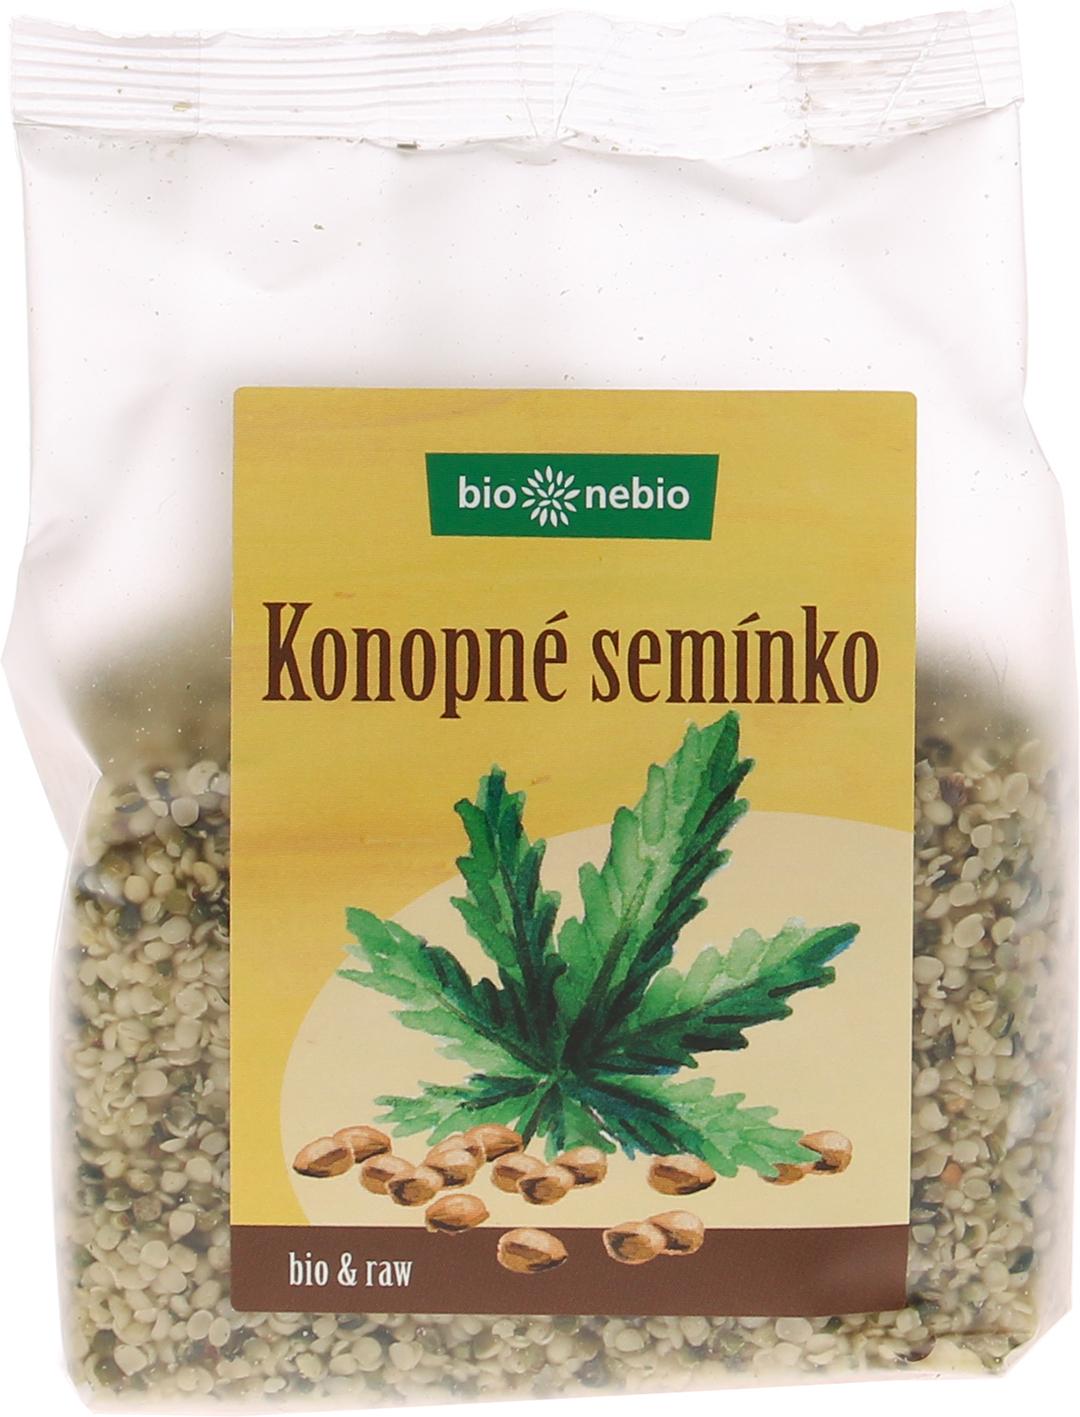 Bio konopné semínko loupané bio*nebio 200 g